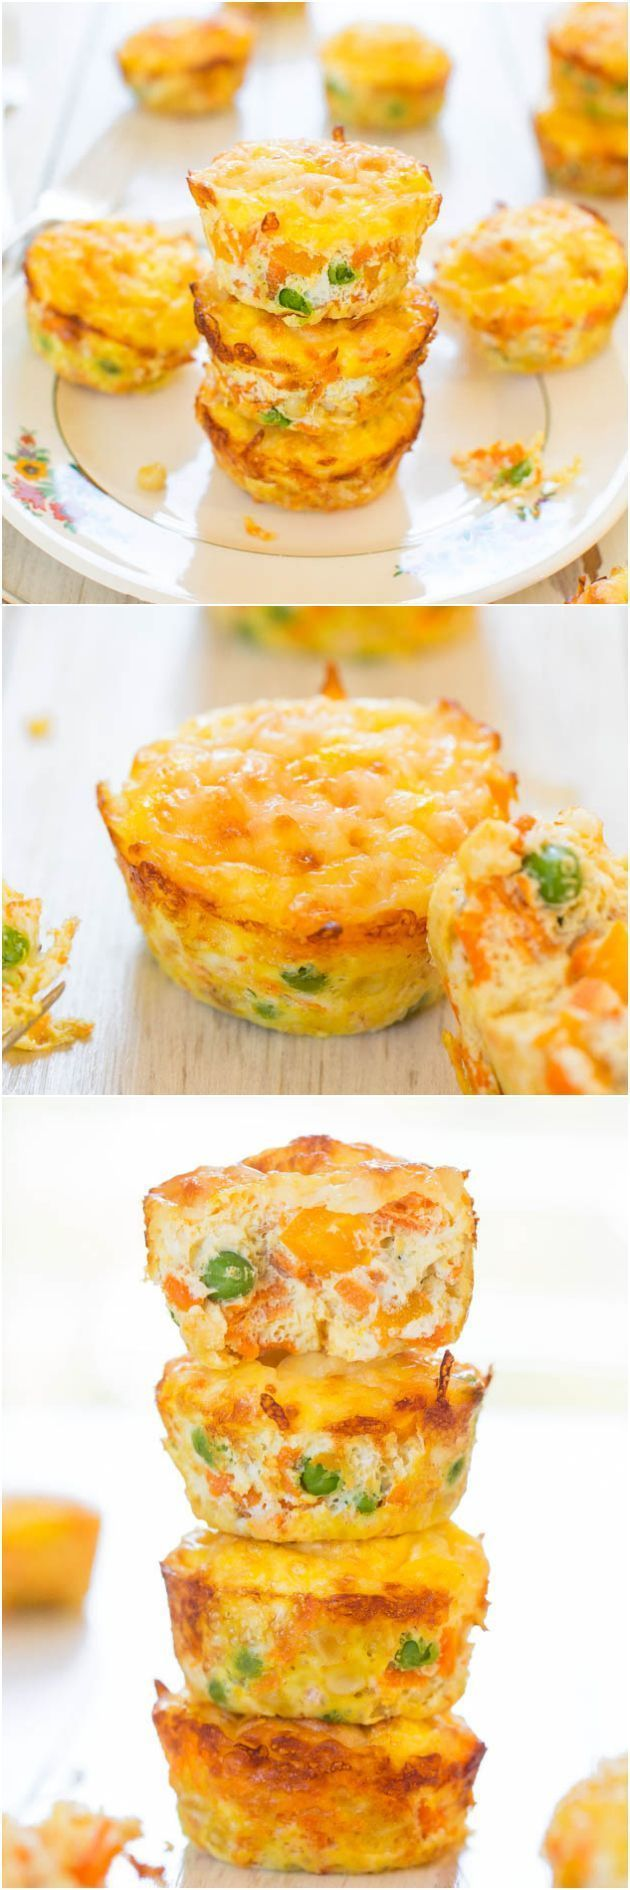 100カロリーでイケるチーズと野菜のエッグ・マフィンなんてうまそうな話は食べちゃうぞ。100-Calorie Cheese, Vegetable and Egg Muffins (GF) - Healthy, easy & only 100...